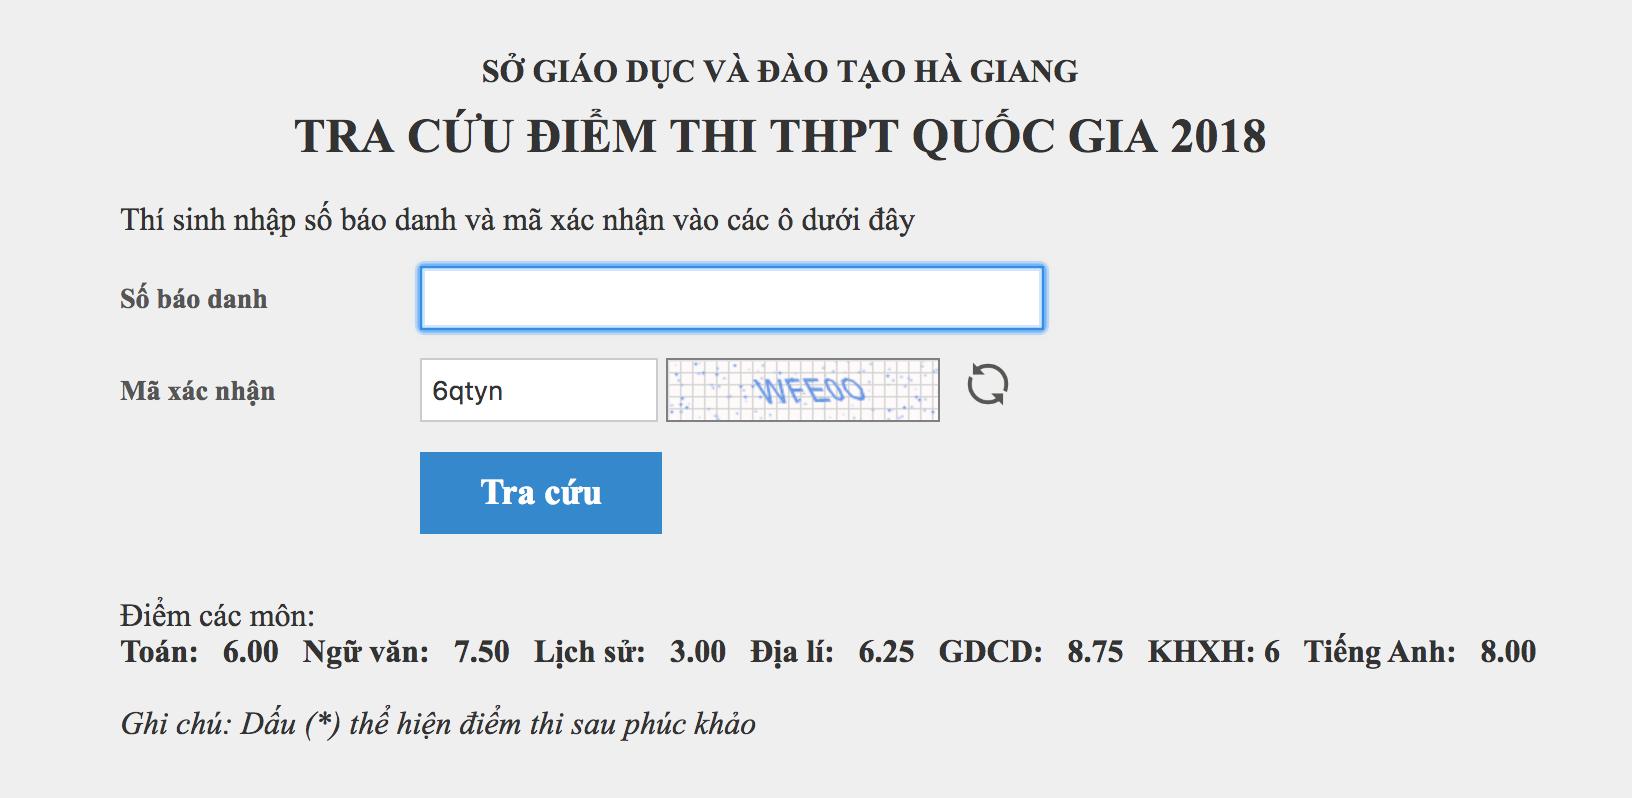 MỚI: Con em lãnh đạo tỉnh Hà Giang được nâng 5 điểm 1